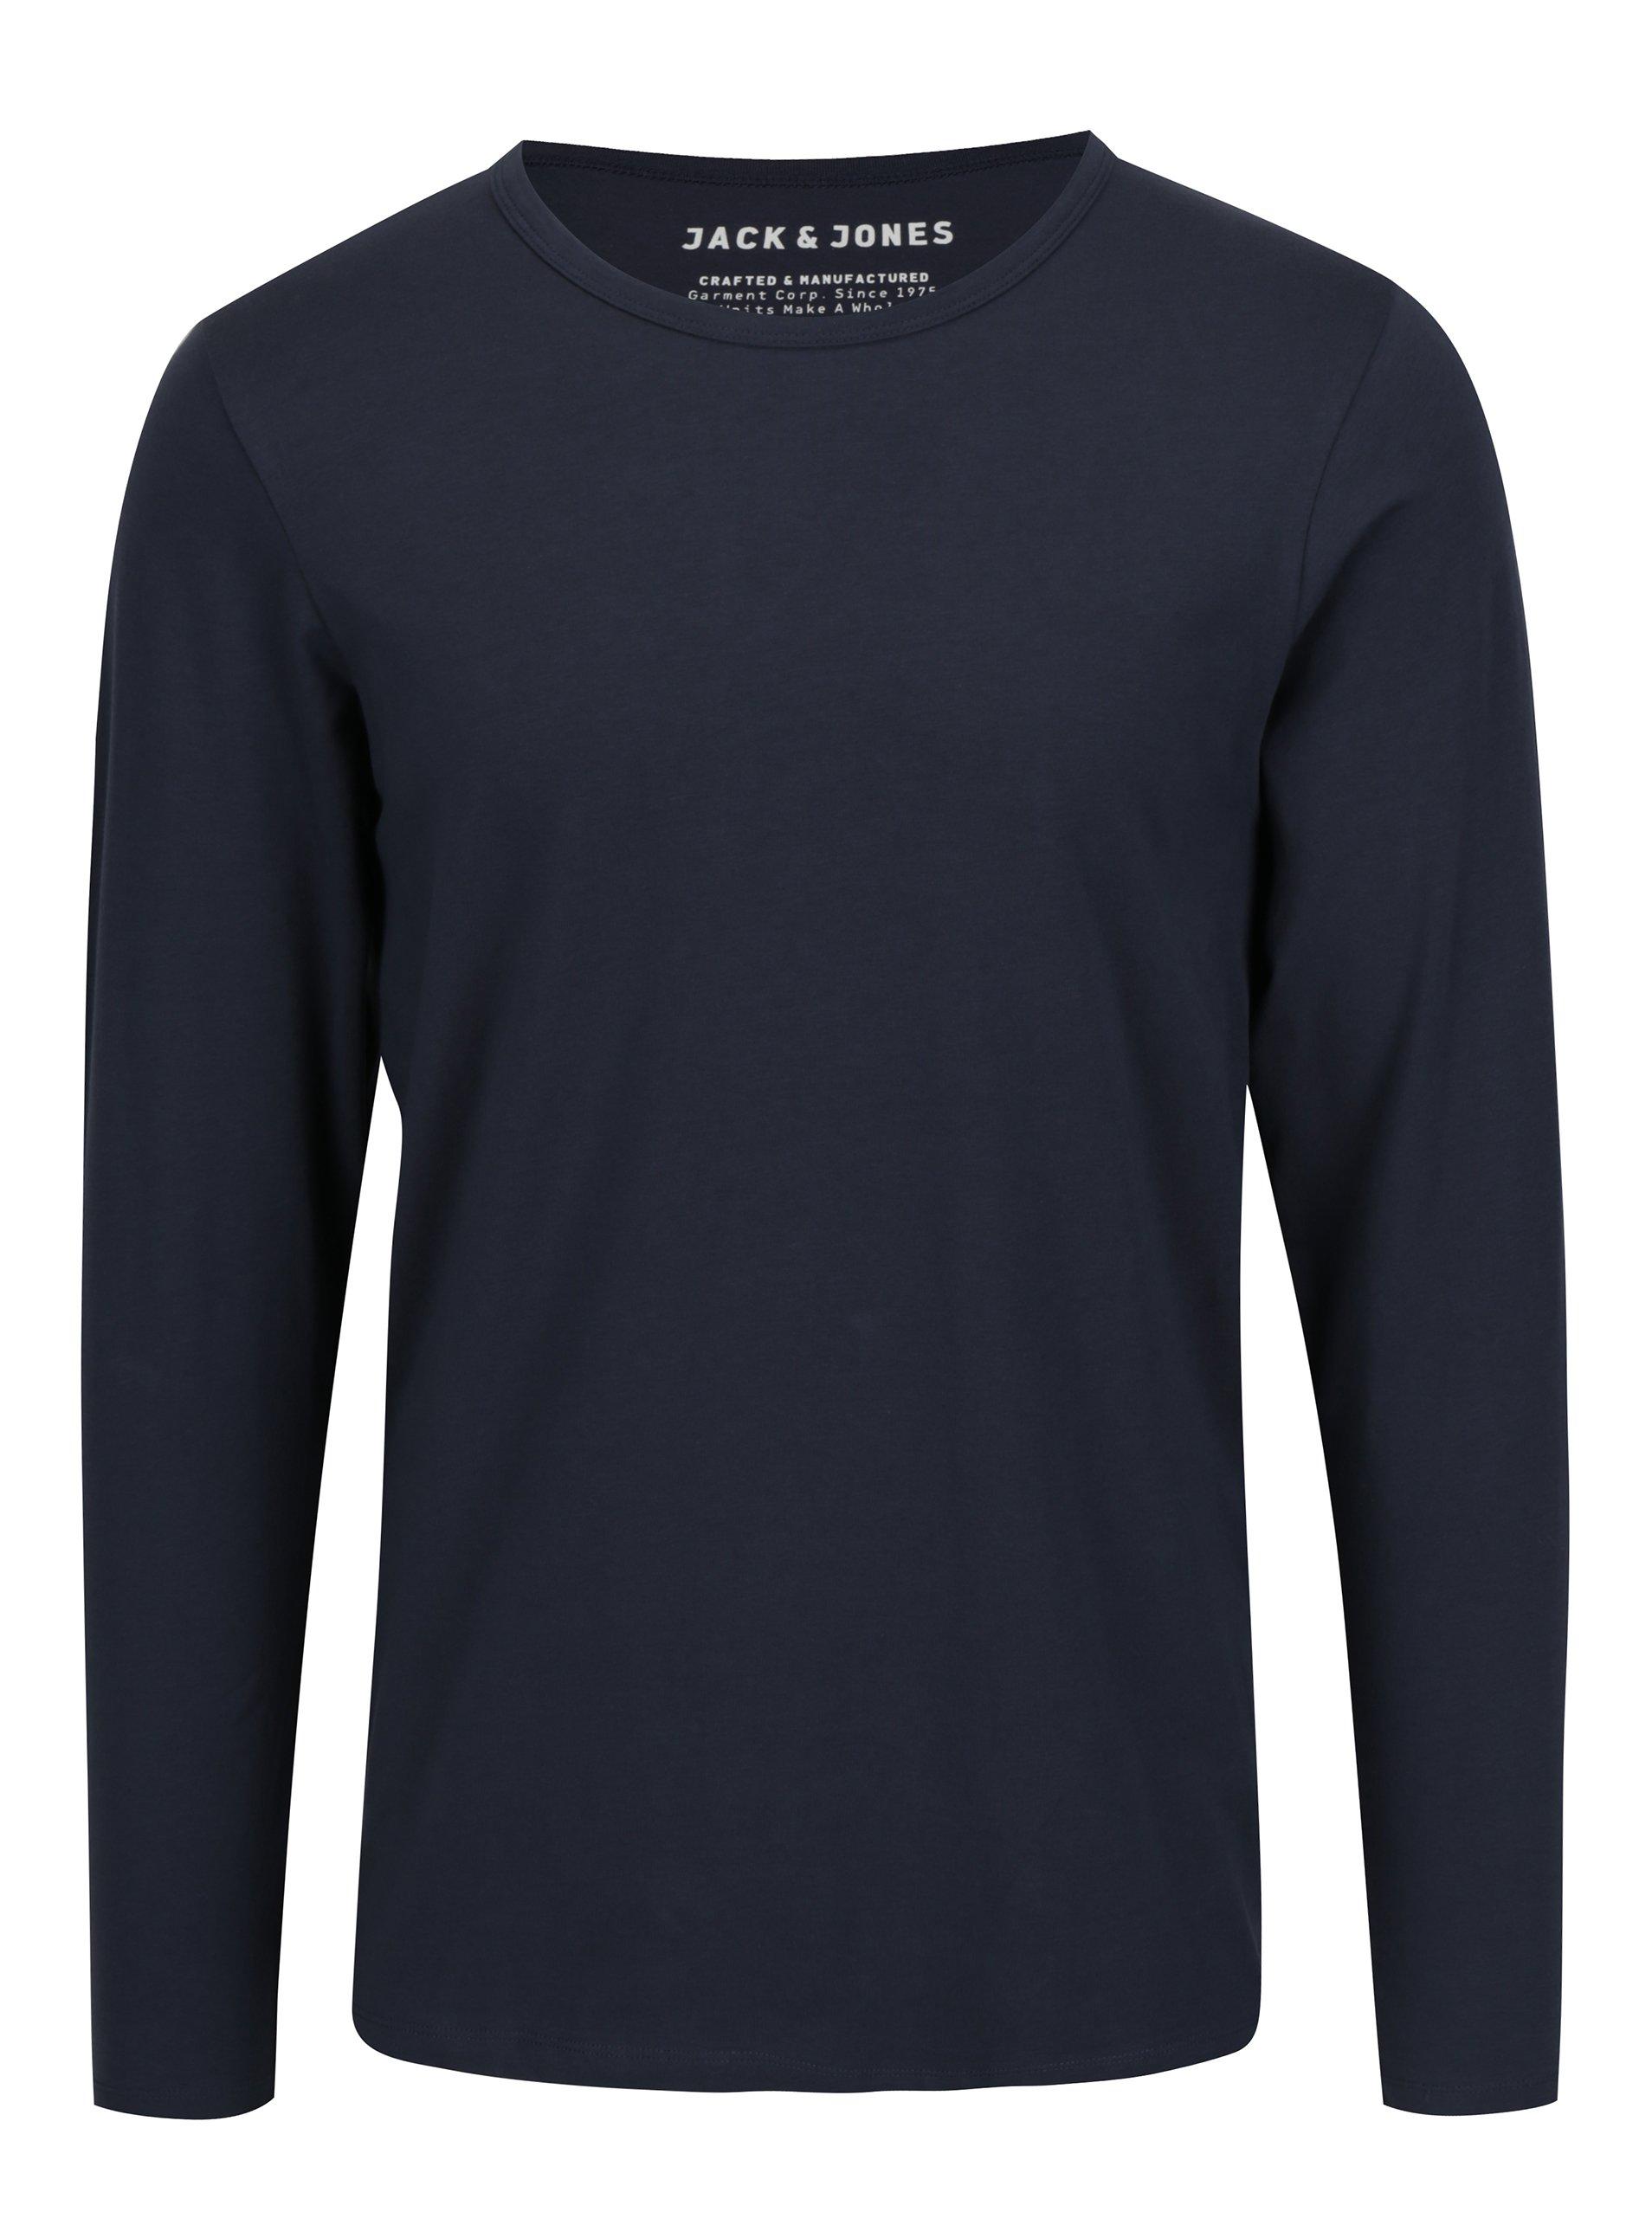 Tmavě modré tričko s dlouhým rukávem Jack & Jones Basic